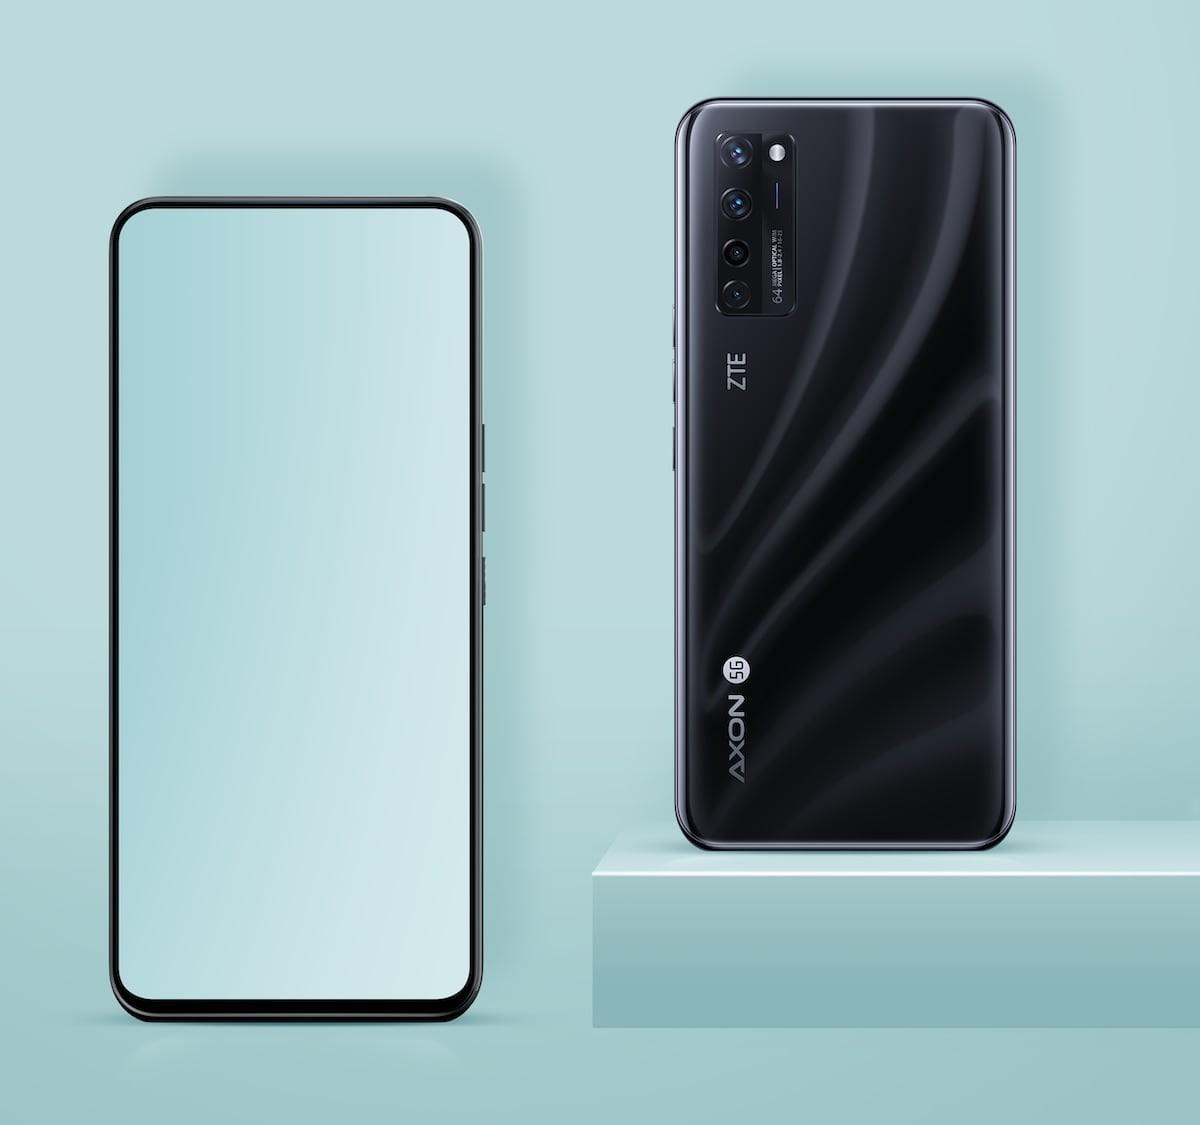 ZTE Axon 20 5G under-display camera smartphone has basically zero bezels